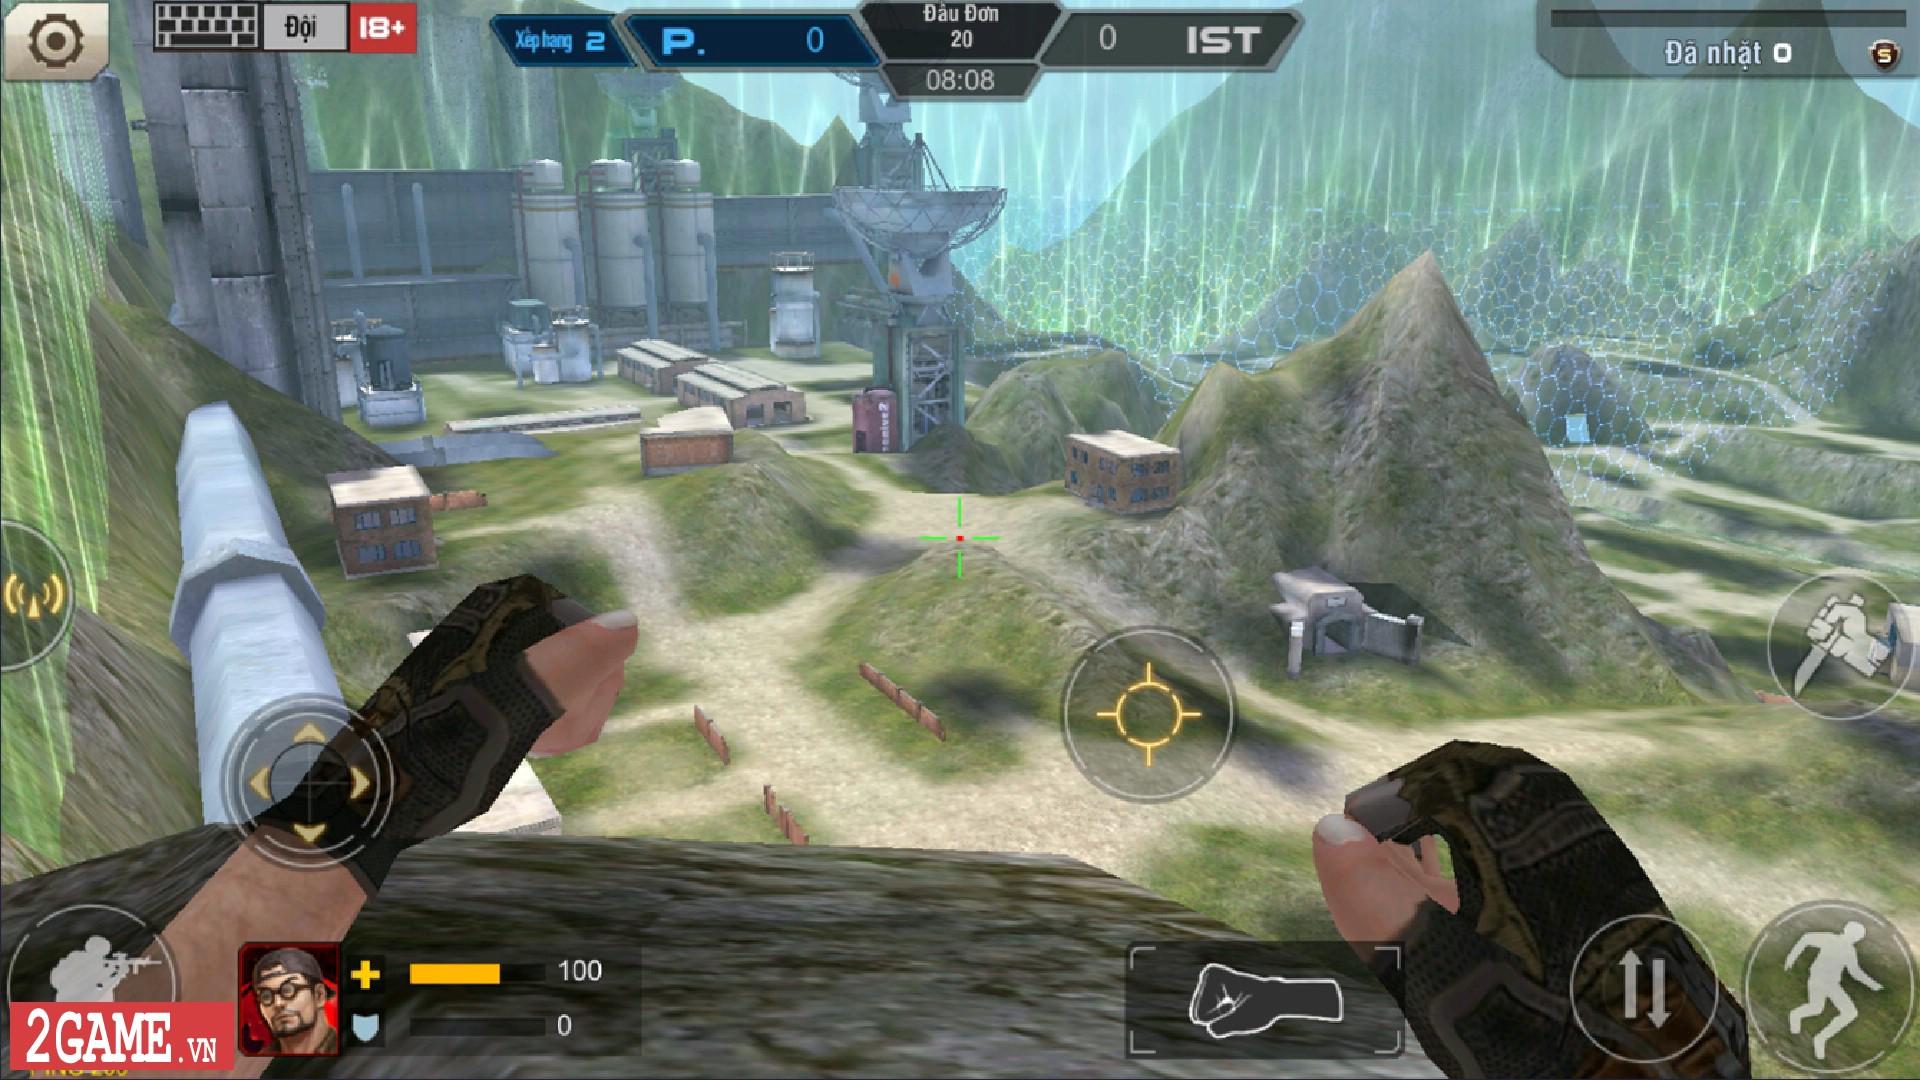 Tập Kích Mobile chính thức cho game thủ Việt chơi thử chế độ sinh tồn 6